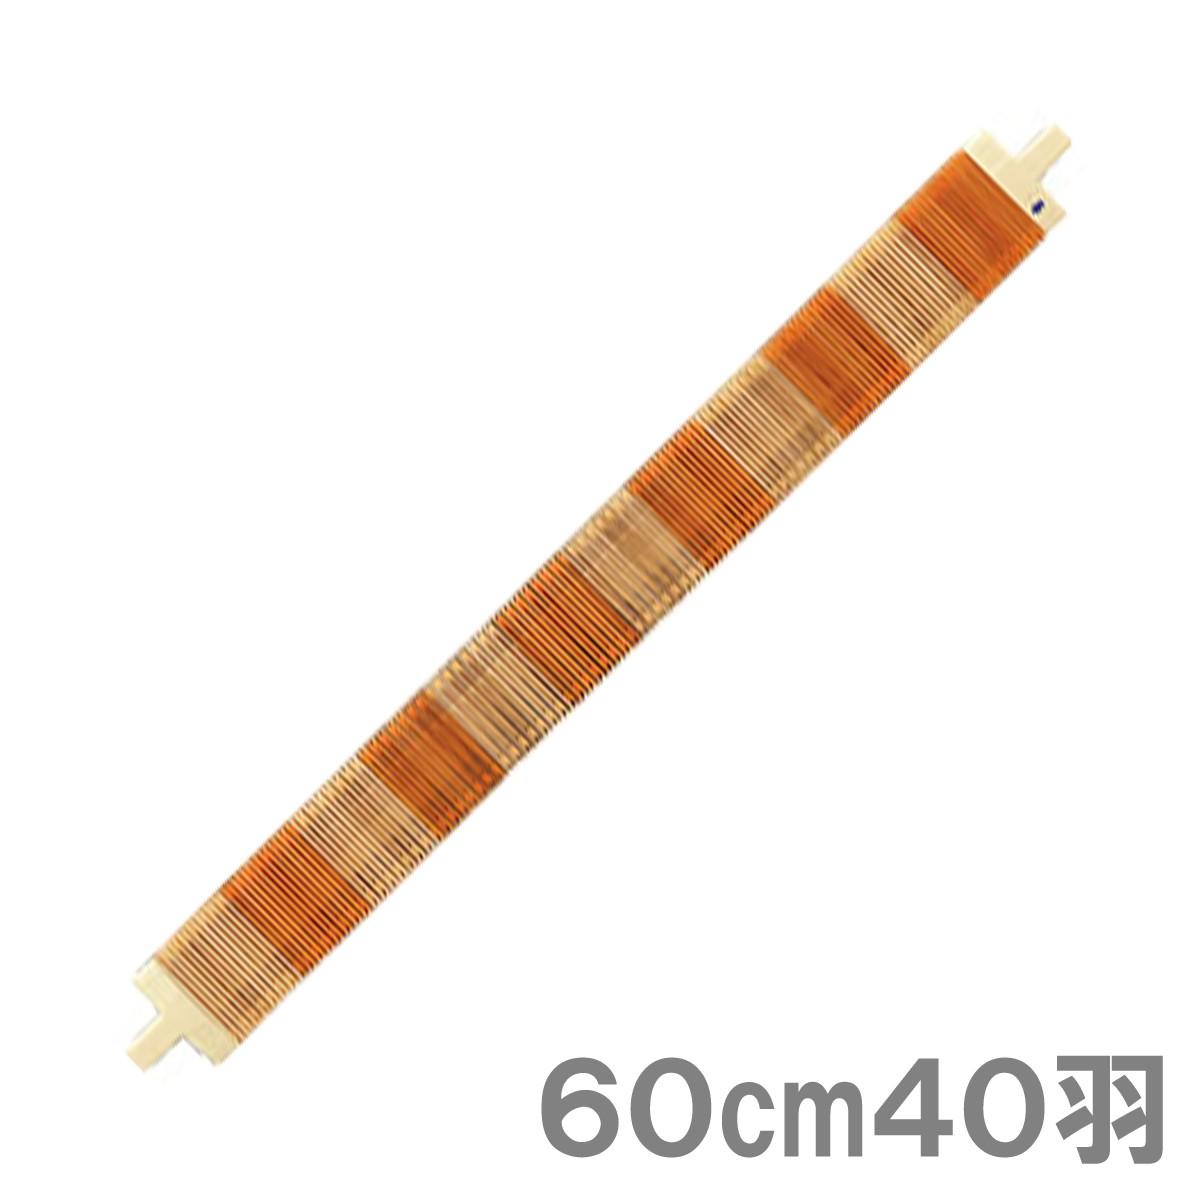 咲きおり 綜絖 60cm 40羽 【 織機 織り機 機織り 織物 手織り 】